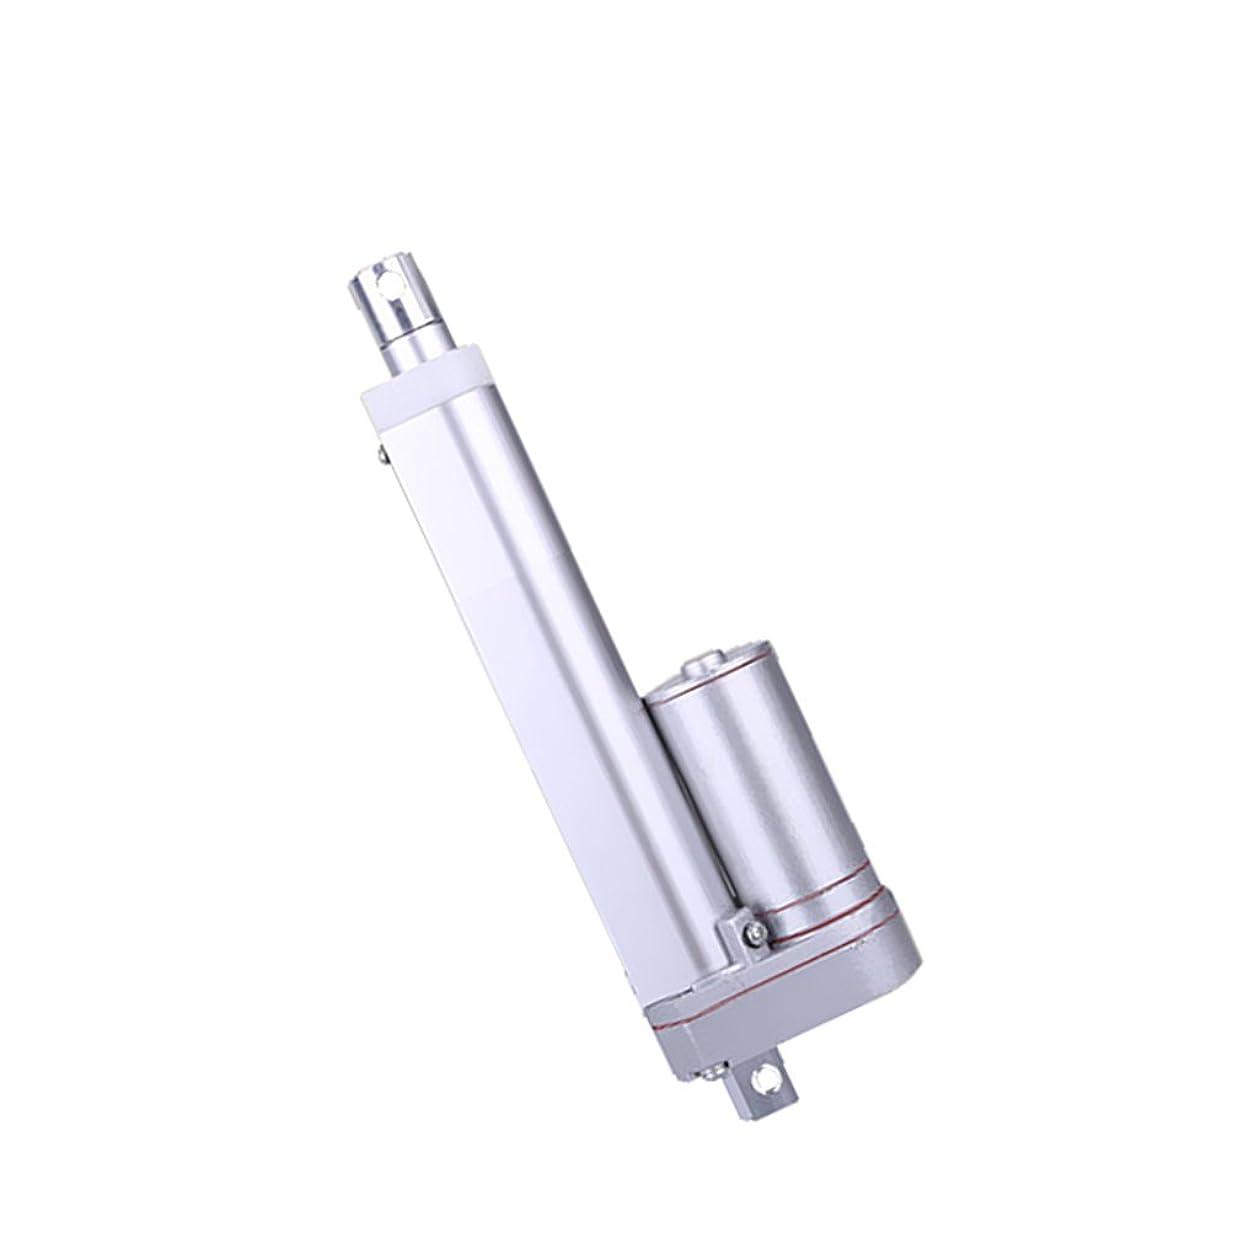 憎しみシュガー酸Homyl リニアアクチュエータ 電動モータ DC 12V 測定工具 伸縮ロッド - 80mm